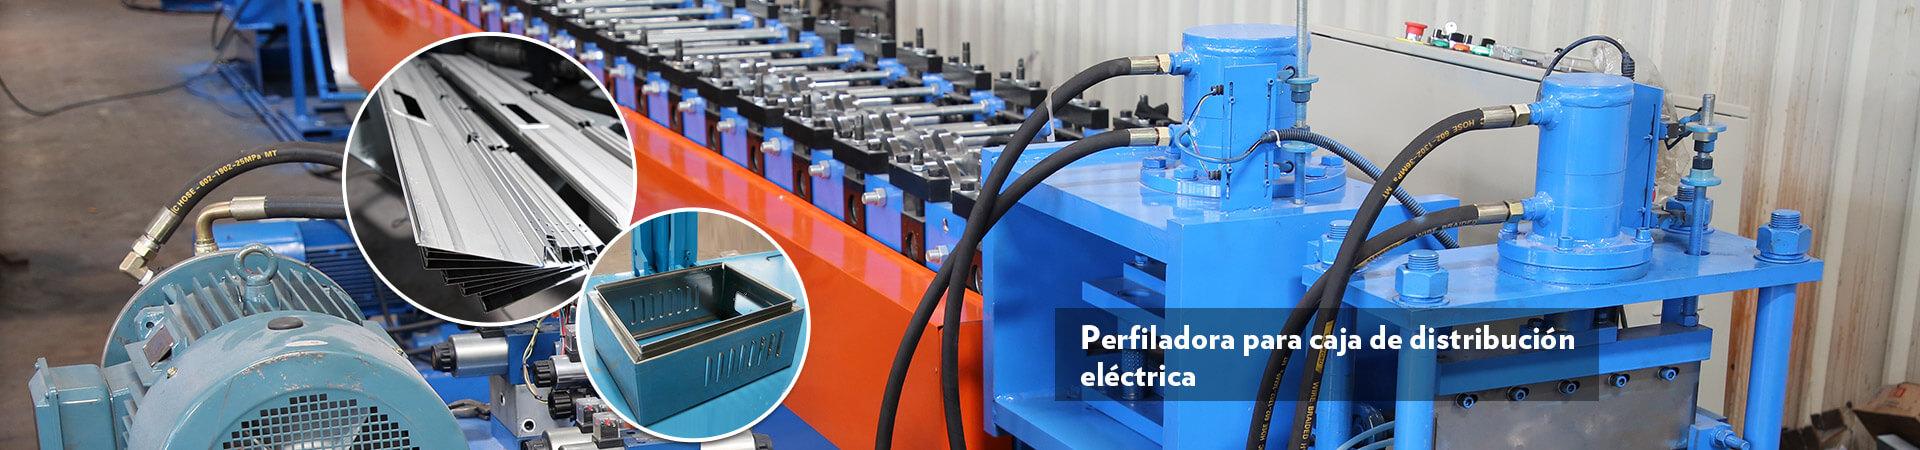 Perfiladora para caja de distribución eléctrica